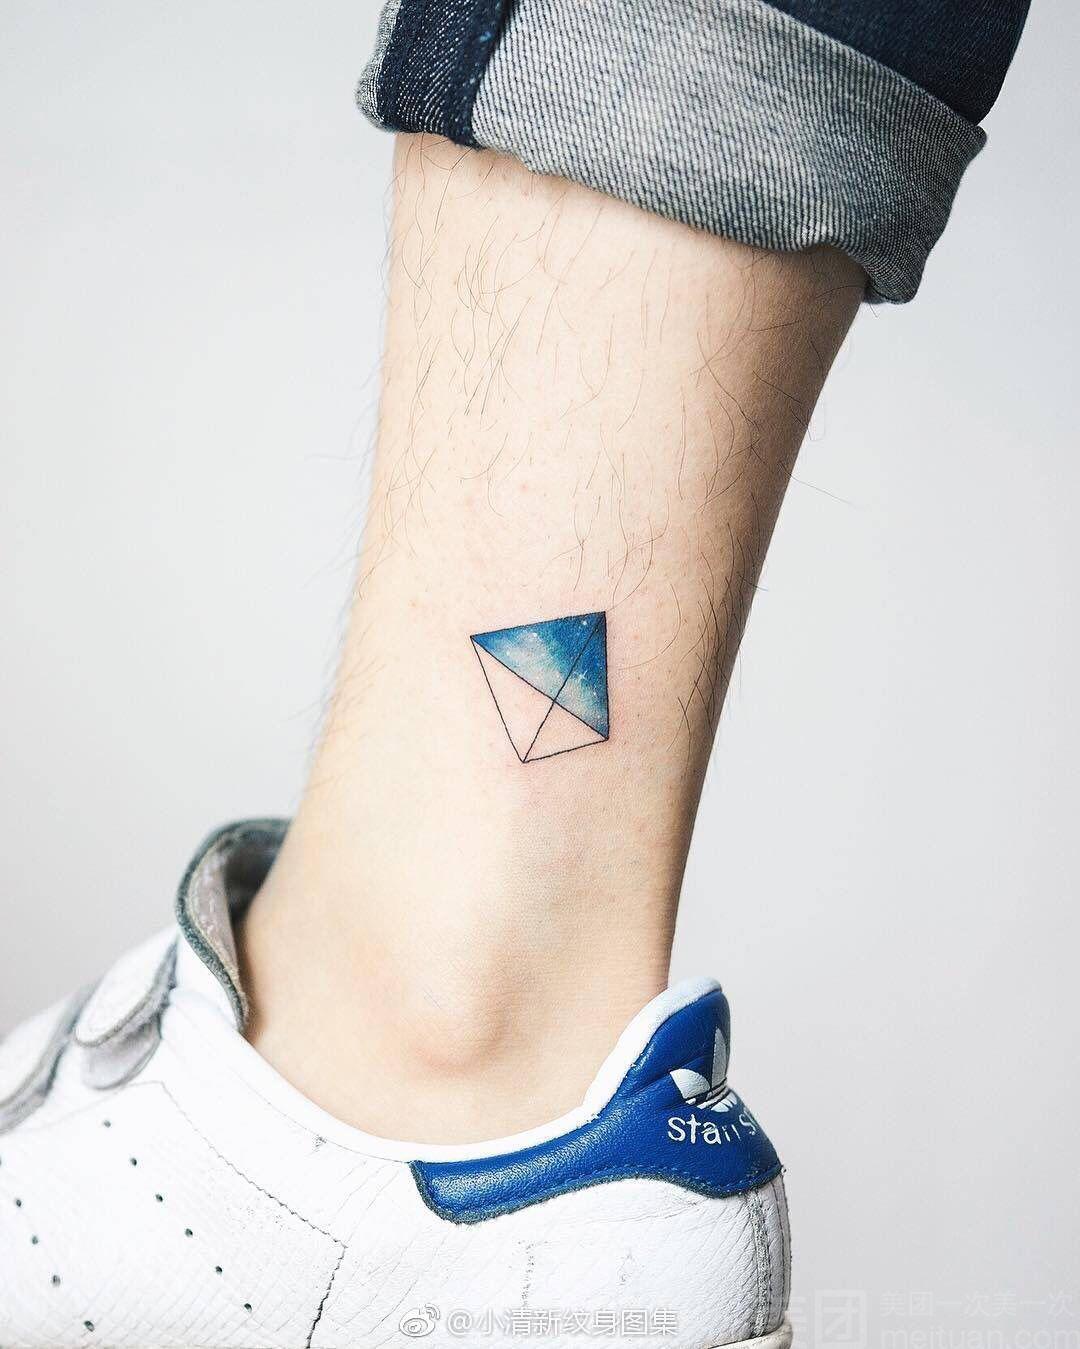 丽人团购 纹身 荔湾区 芳村 鲲 刺青vktattoo工作室   购买须知 有效